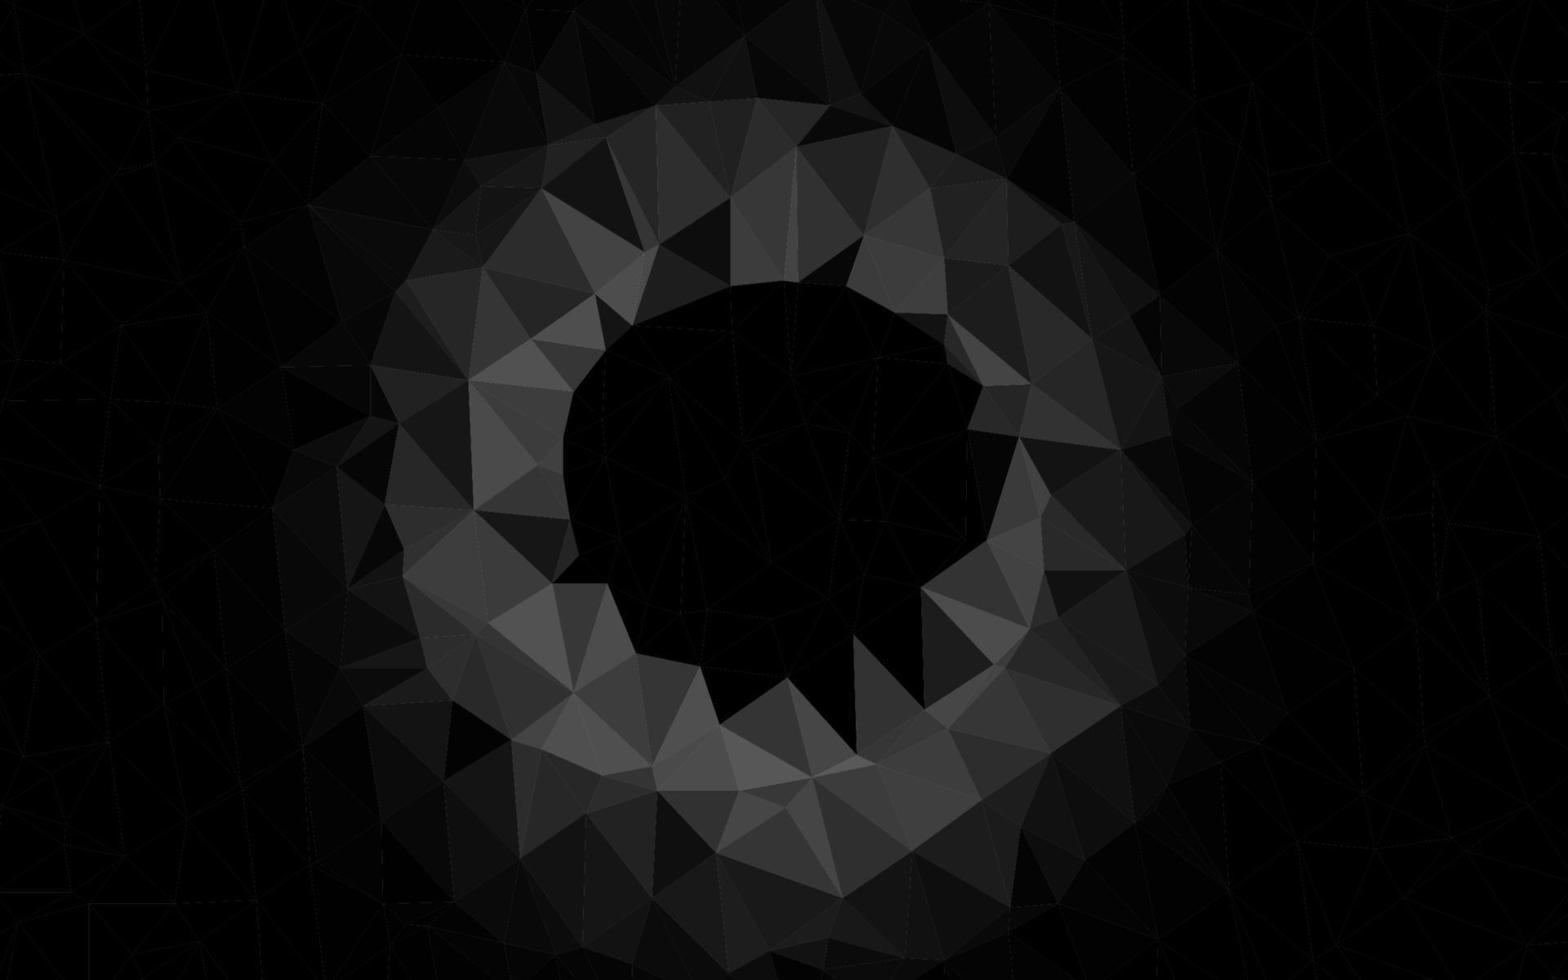 layout poligonal abstrato de vetor cinza claro prata.